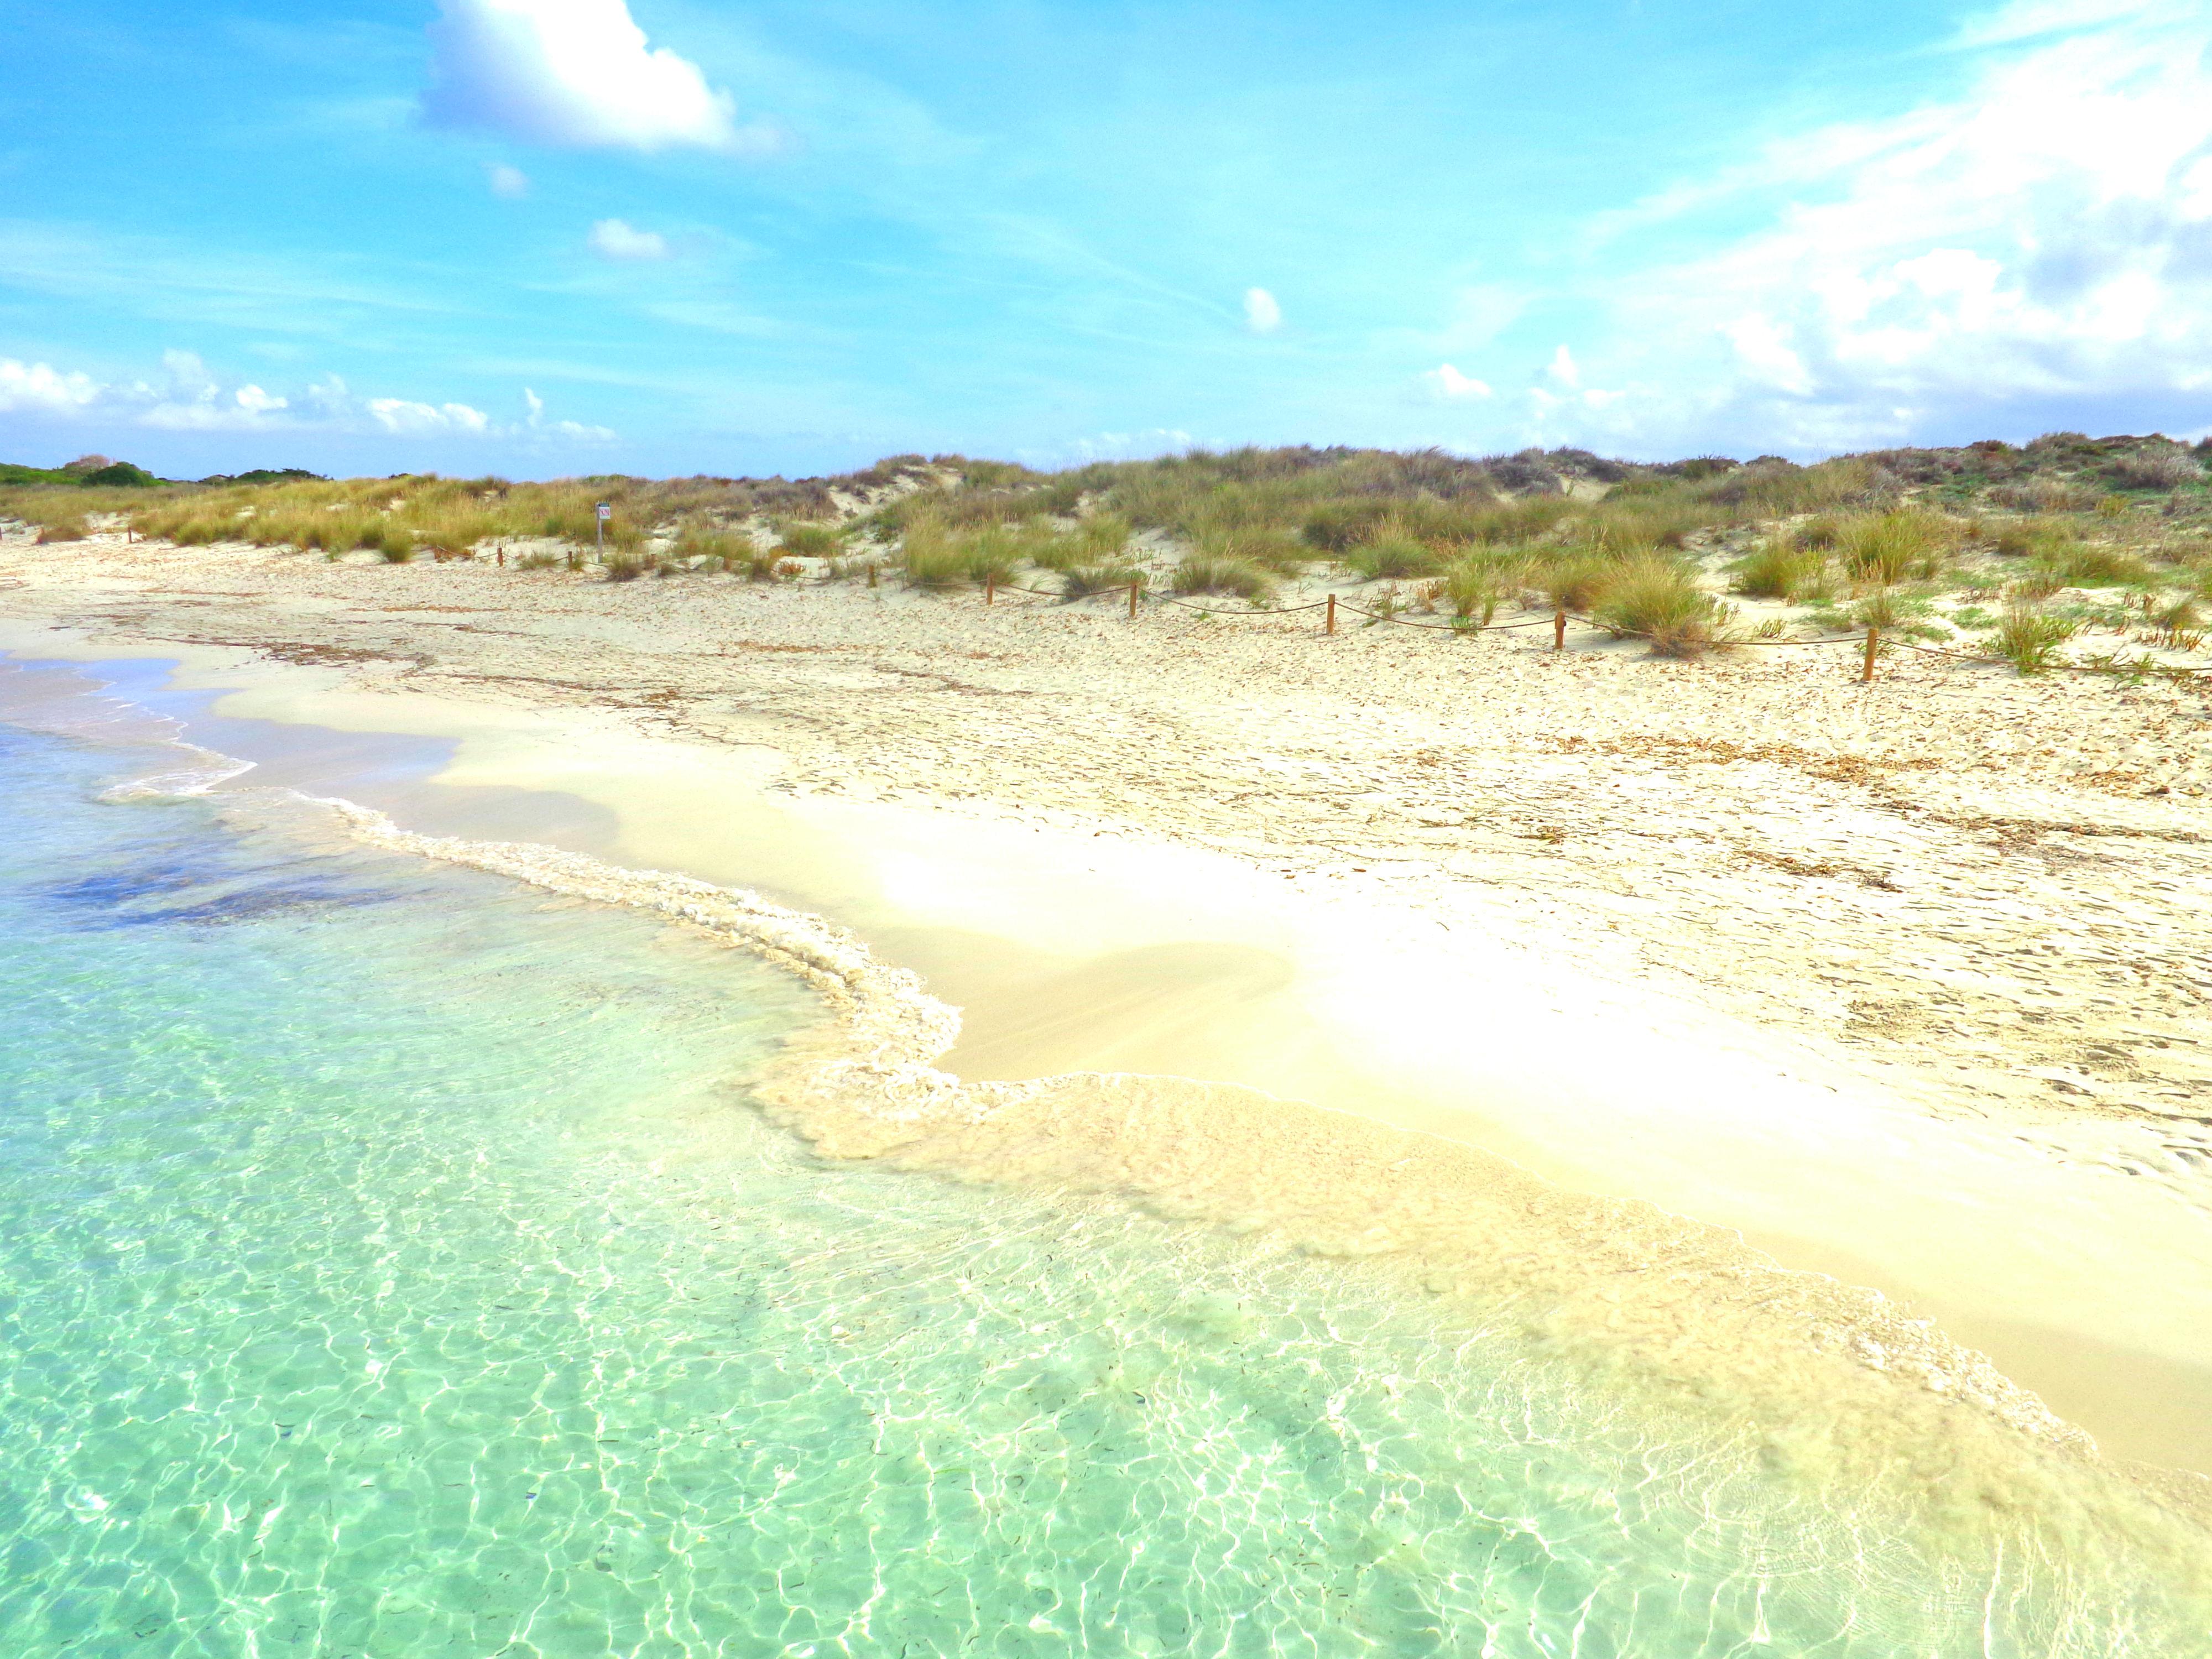 An Ibiza Day Trip to the Island of Espalmador